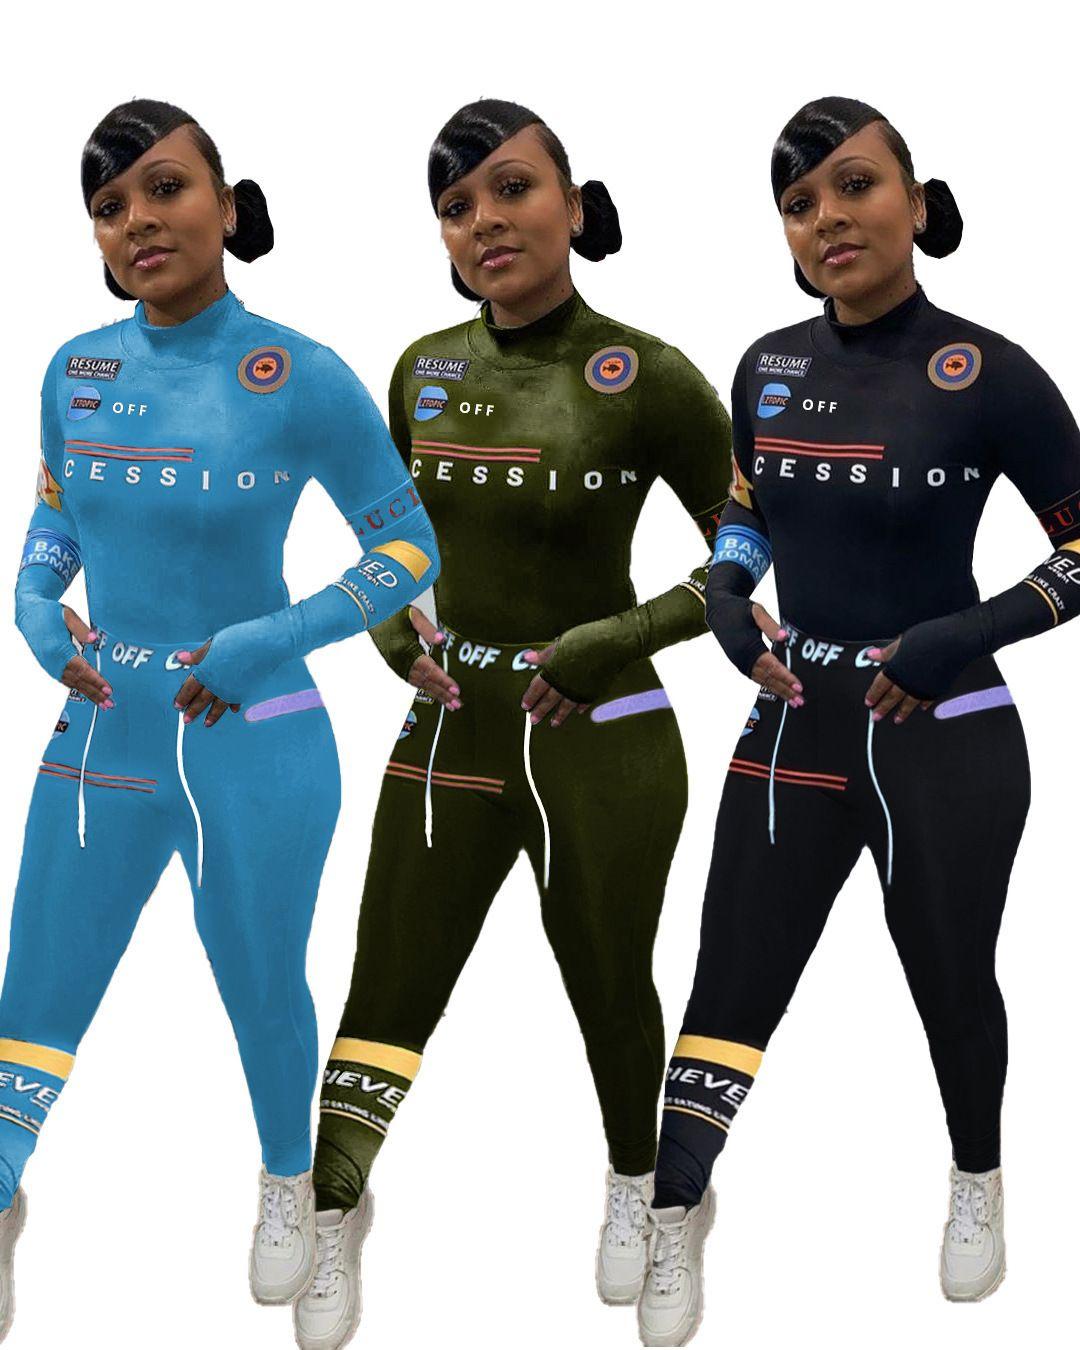 Femmes Tracksuits Ensemble de deux pièces Recommandes Personnalisée Pantalon à manches longues imprimées à manches longues de la femme Sportswear Loisirs Sports Sports